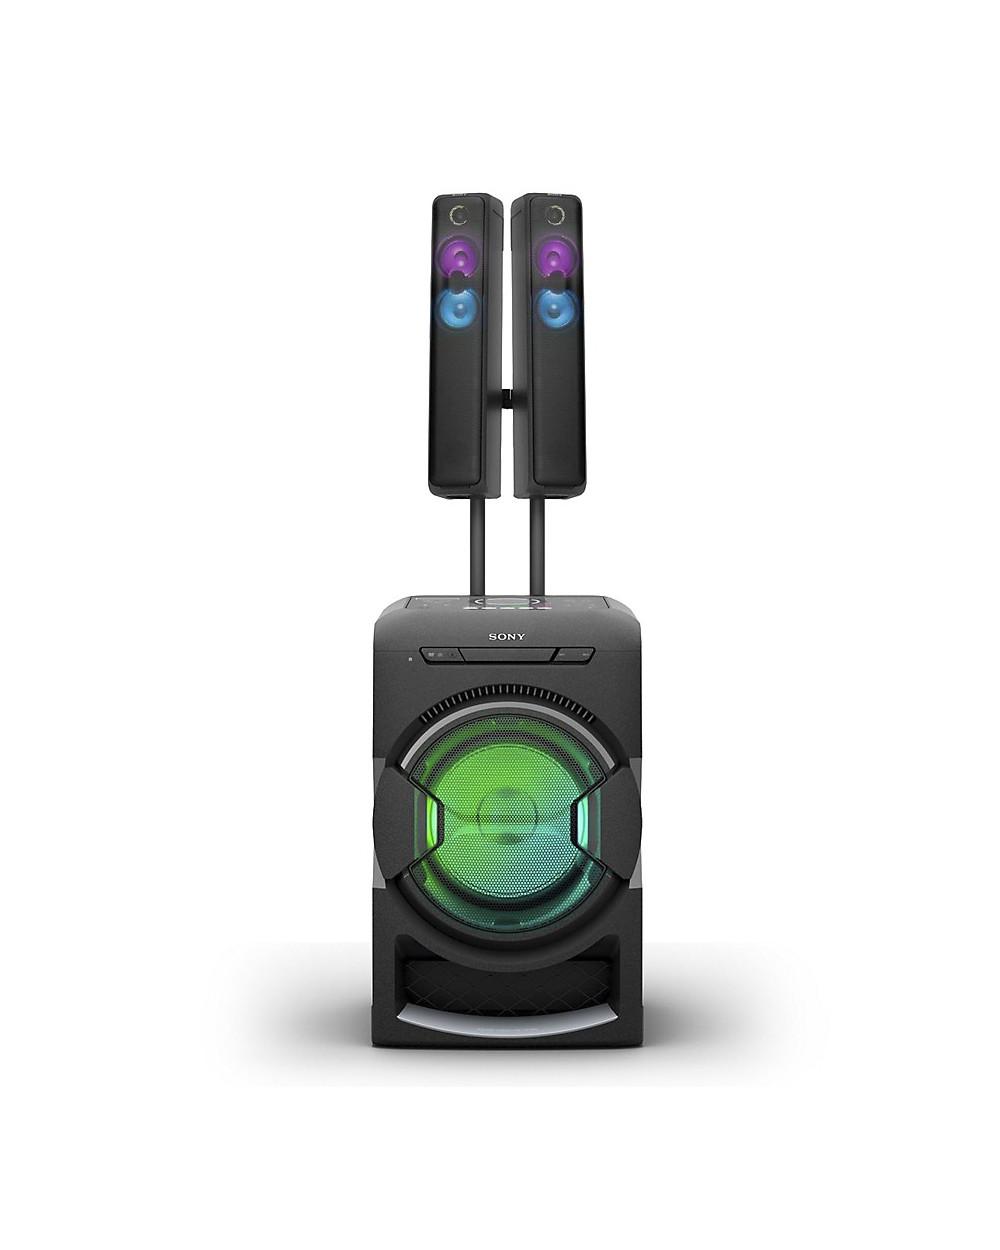 Sony equipo de sonido GT7D-MLA9